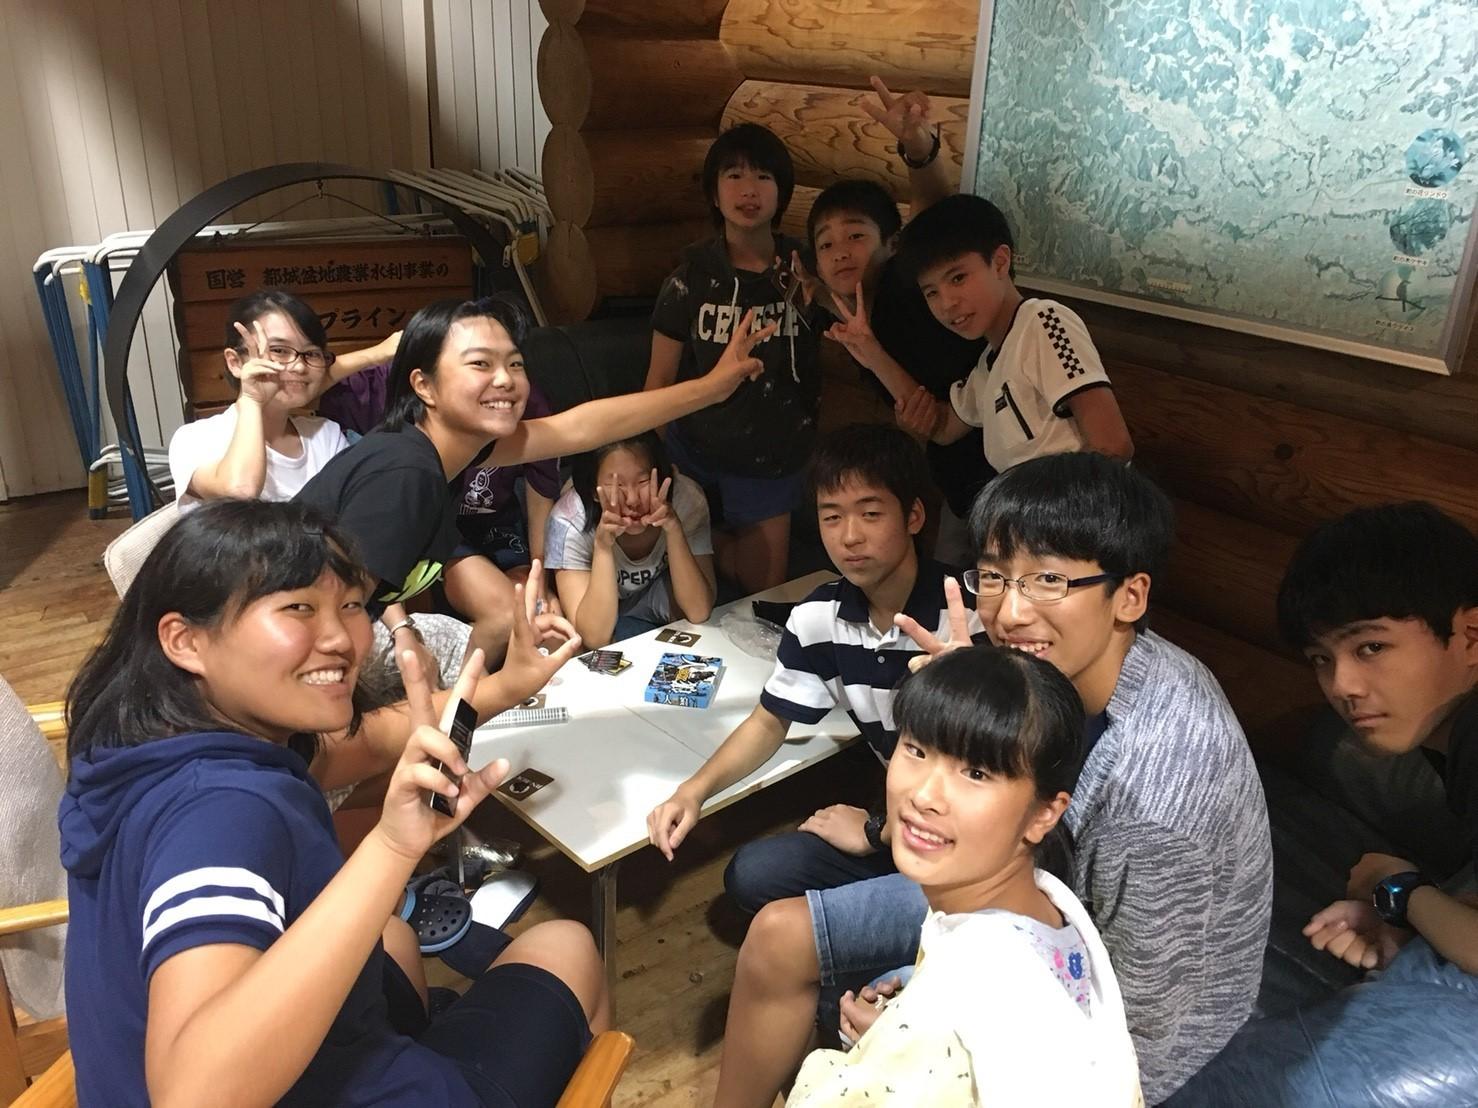 中3宮崎夏合宿 4日目夜の写真_d0116009_13085693.jpg